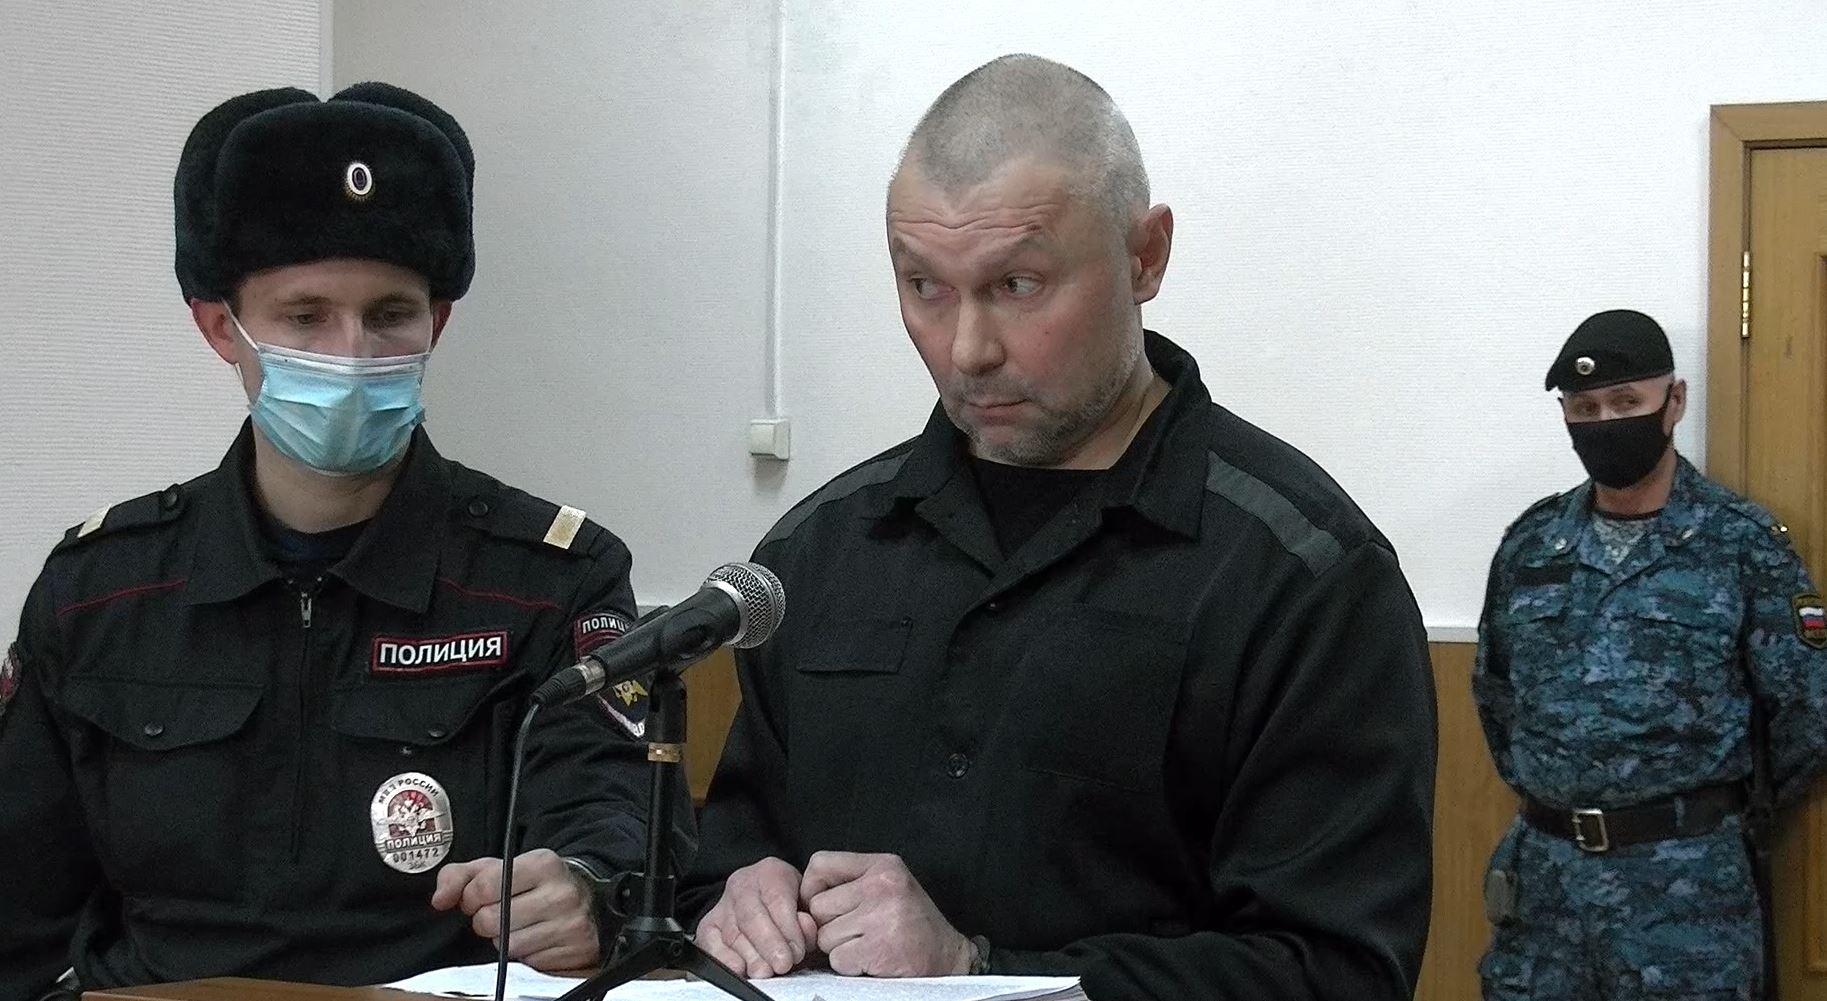 Убийство депутата Баранова: новые факты в деле спустя 15 лет